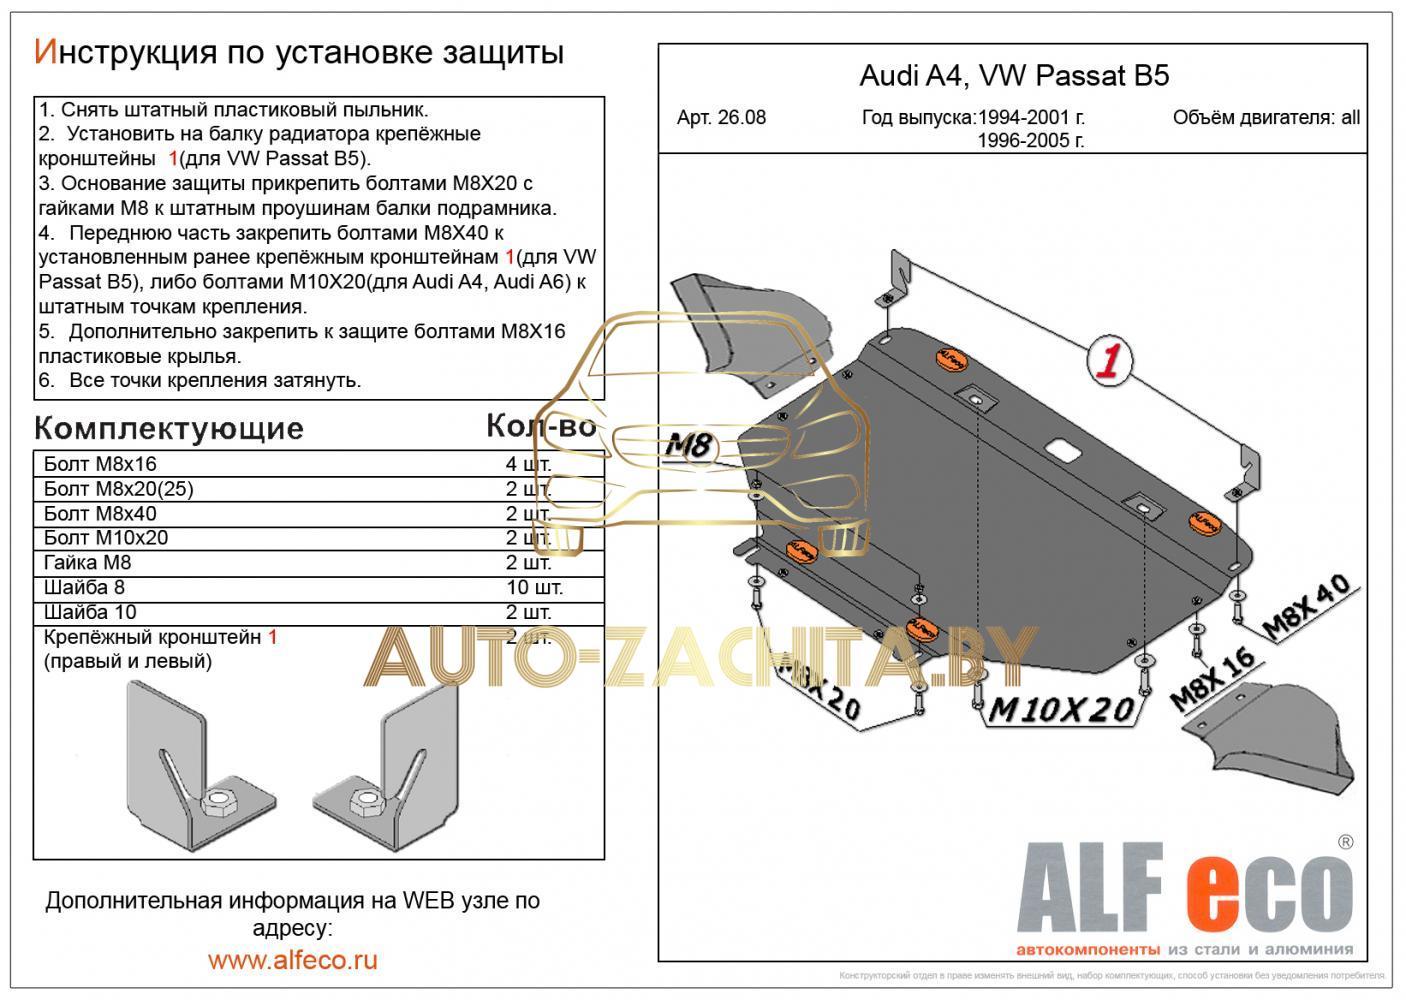 Металлическая защита двигателя VOLKSWAGEN PASSAT B5 1996-2005